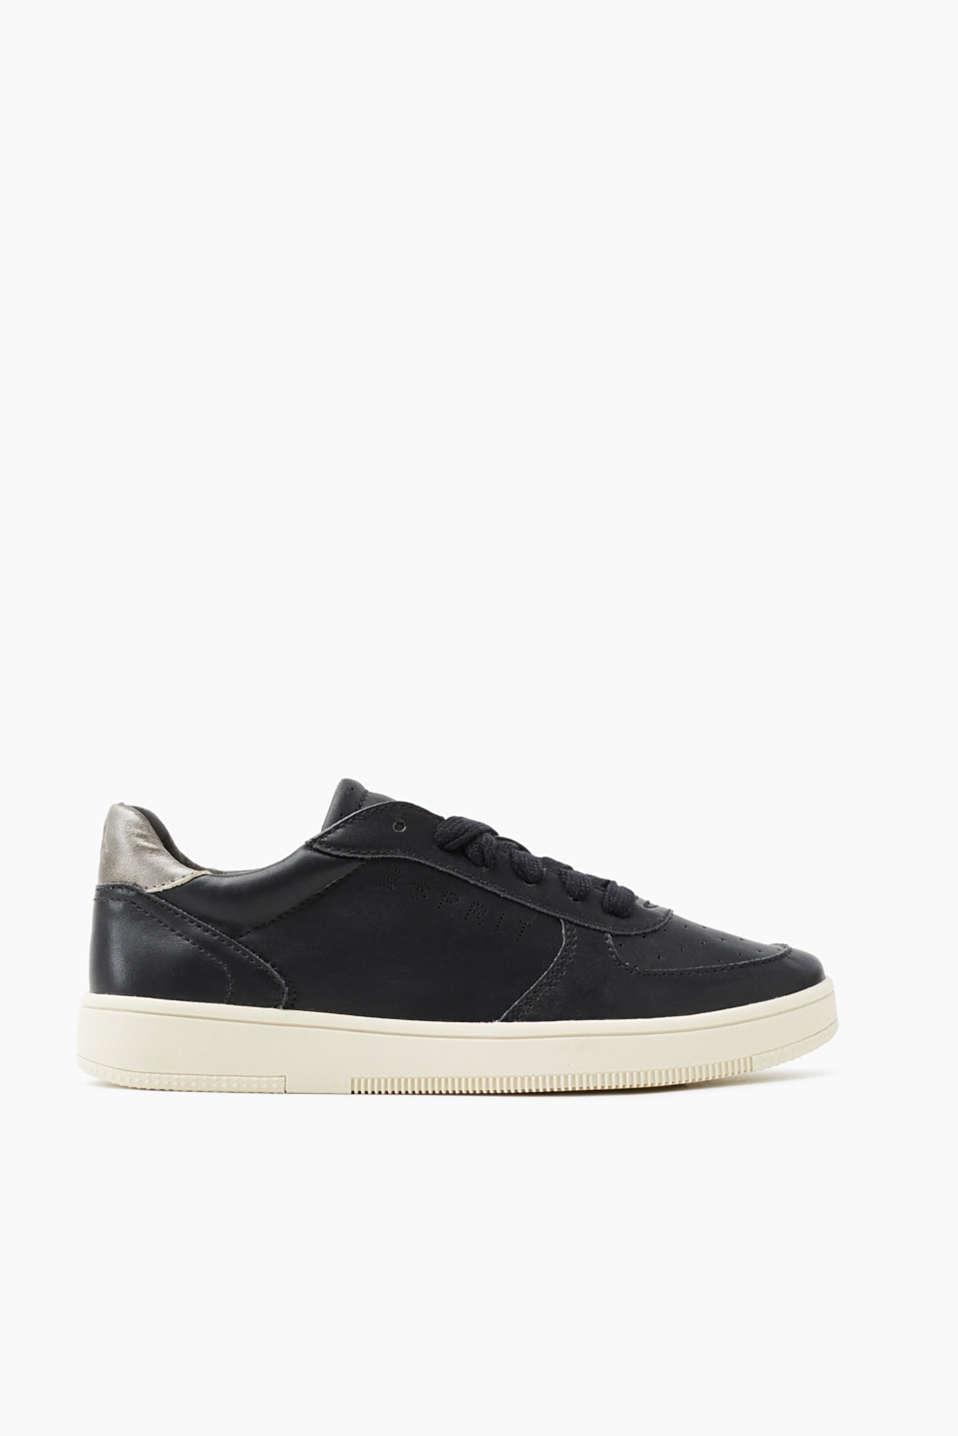 Esprit sneakers vegan r tro acheter sur la boutique en - Chaussures vegan esprit ...